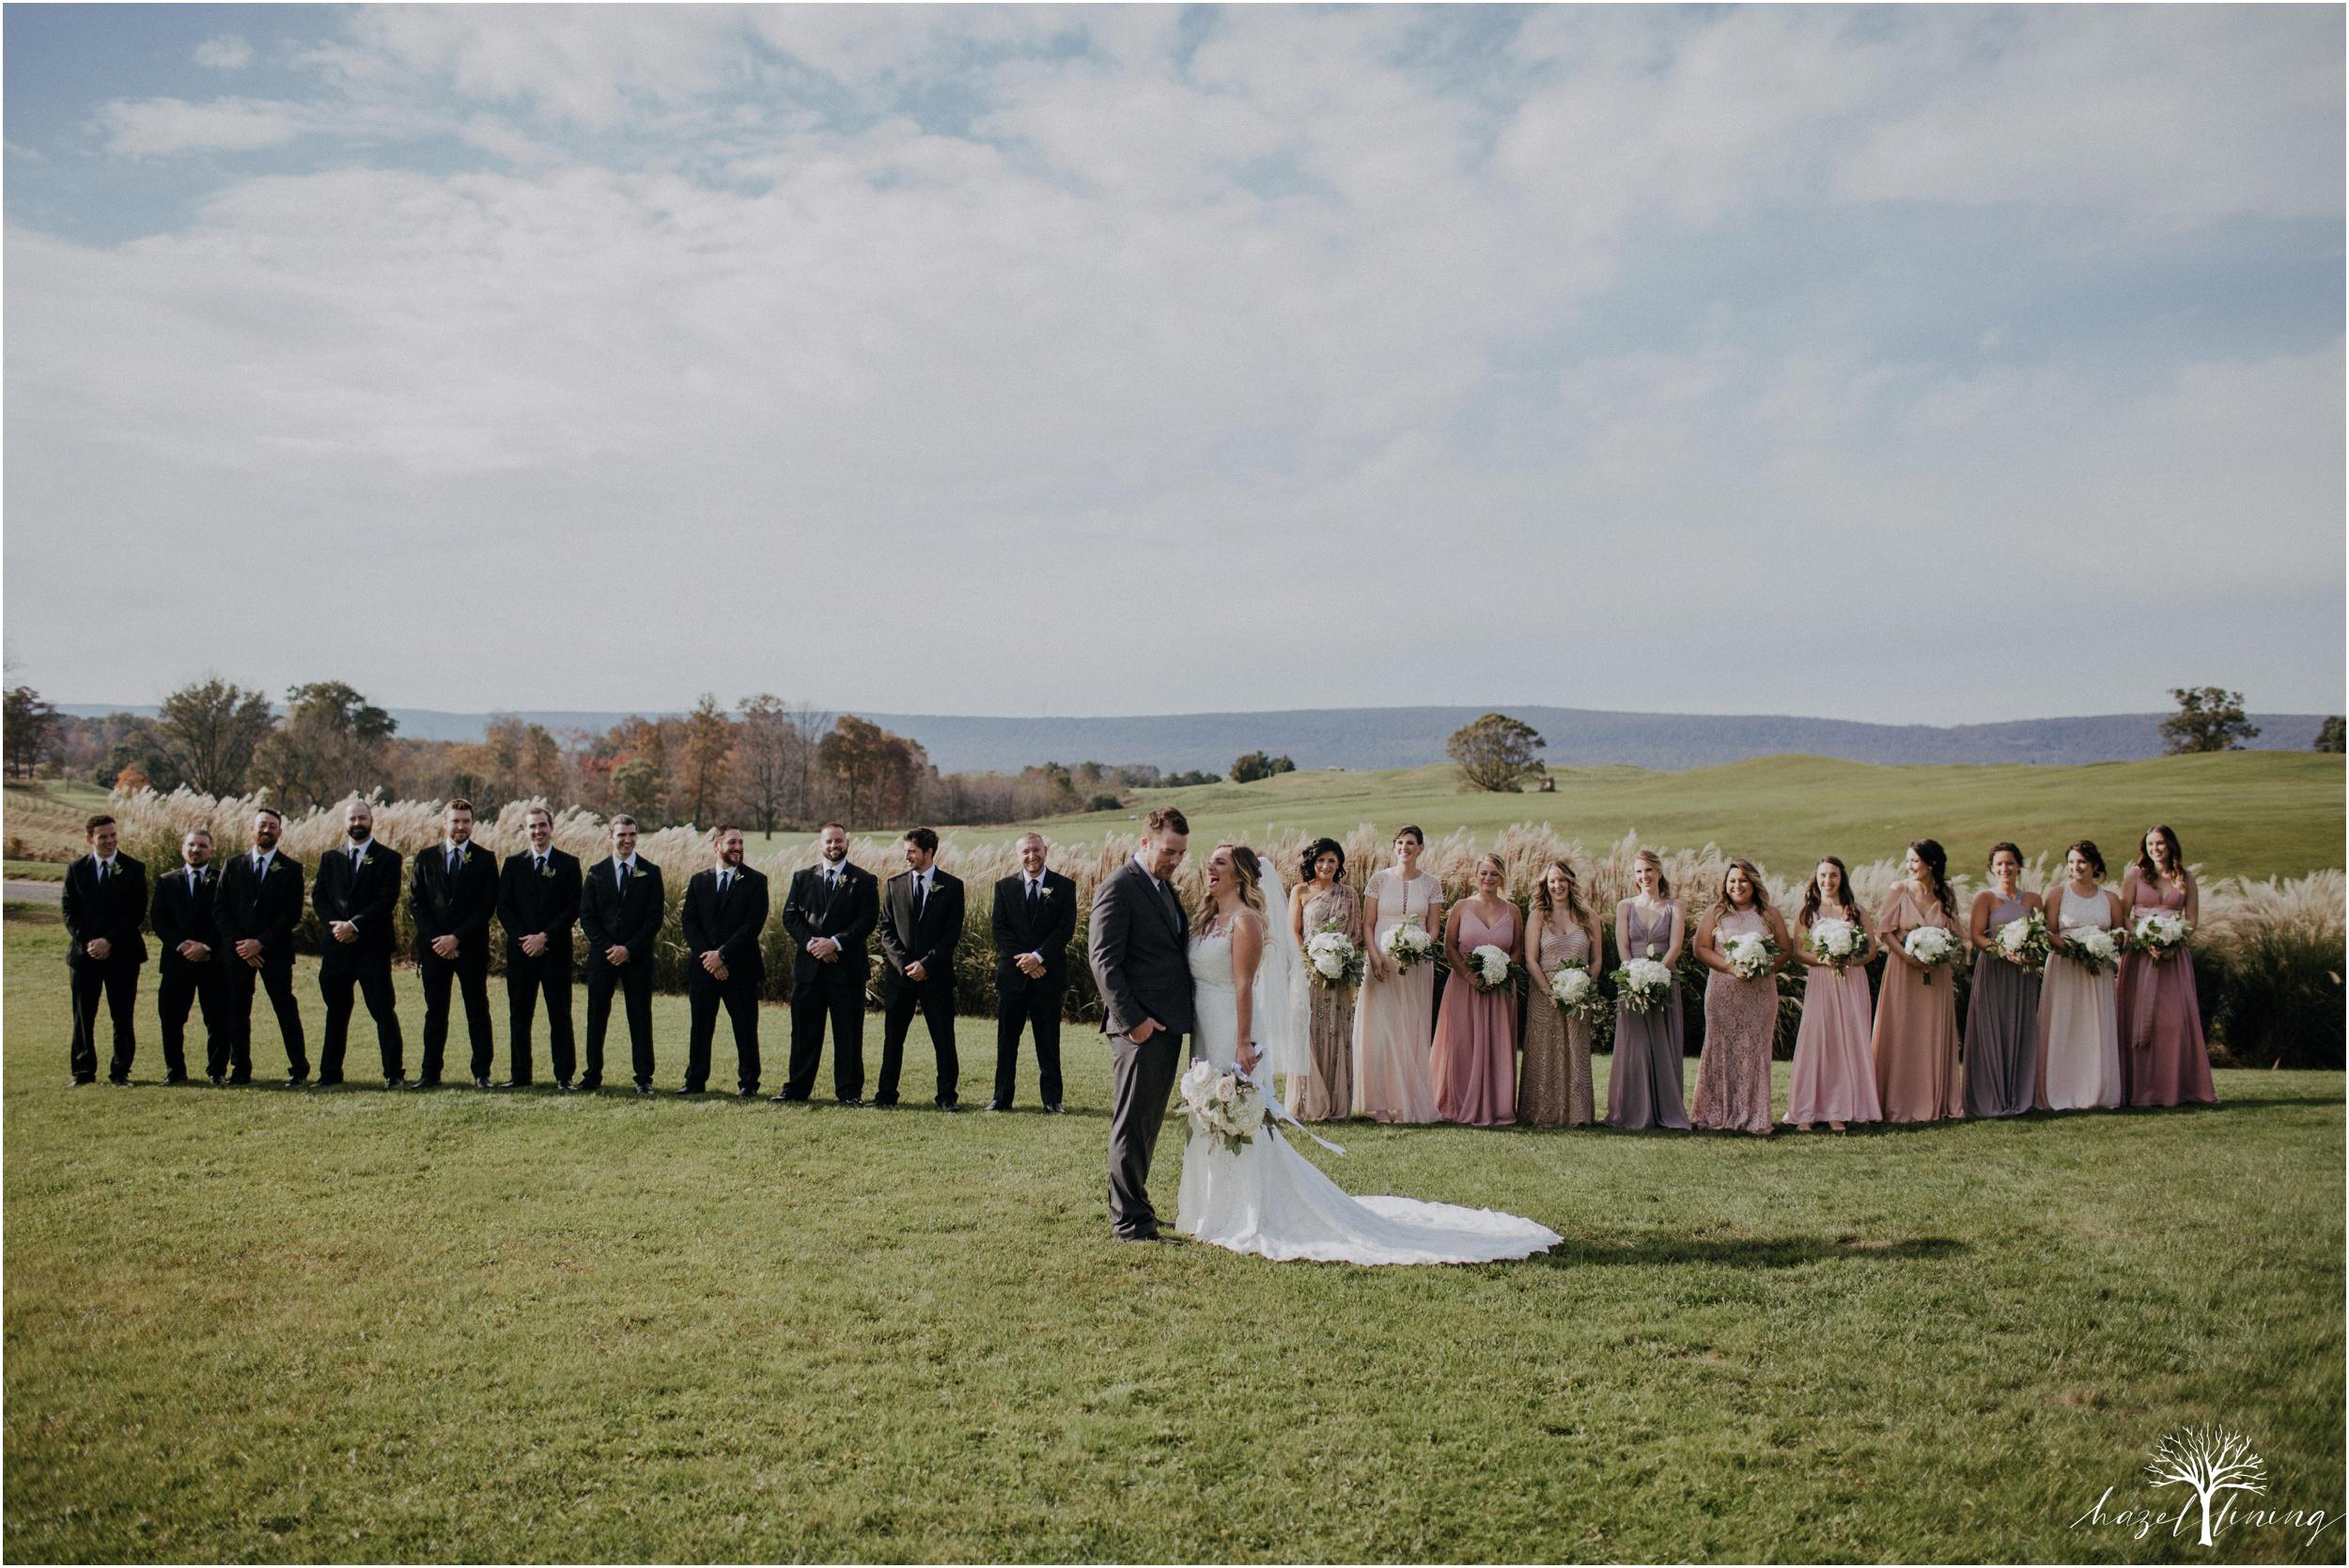 jessie-martin-zach-umlauf-olde-homestead-golfclub-outdoor-autumn-wedding_0084.jpg